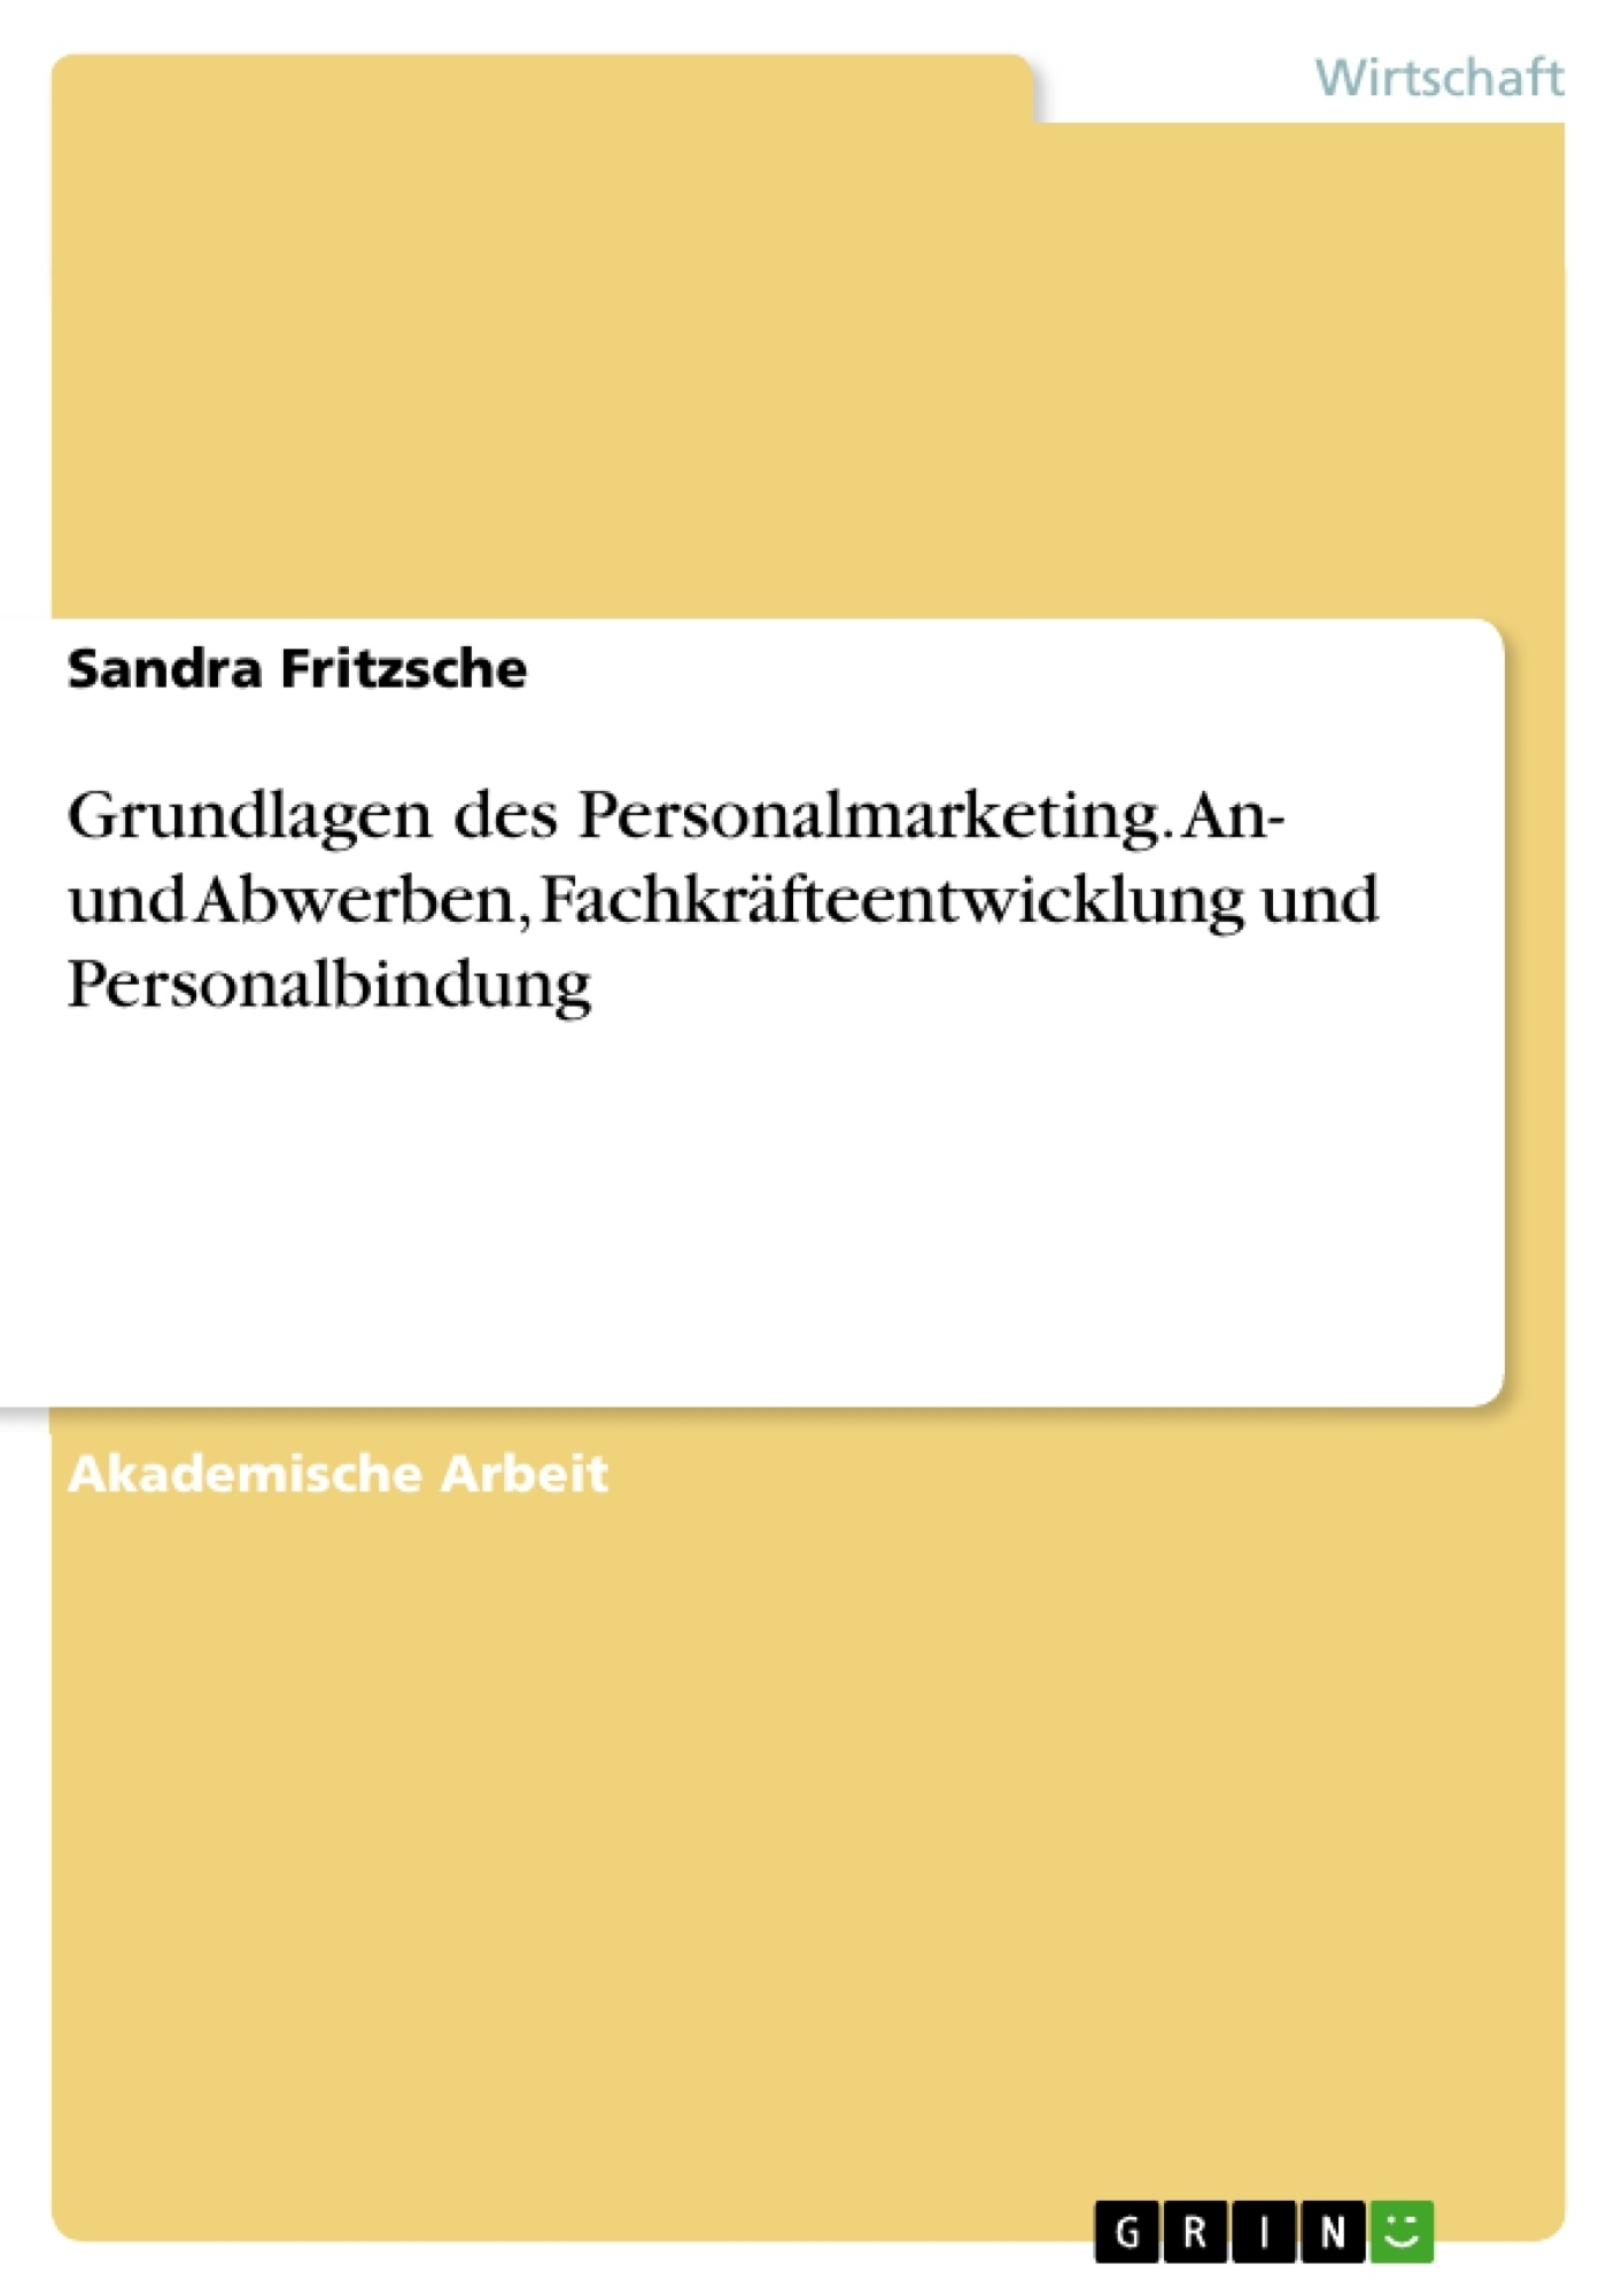 Titel: Grundlagen des Personalmarketing. An- und Abwerben, Fachkräfteentwicklung und Personalbindung